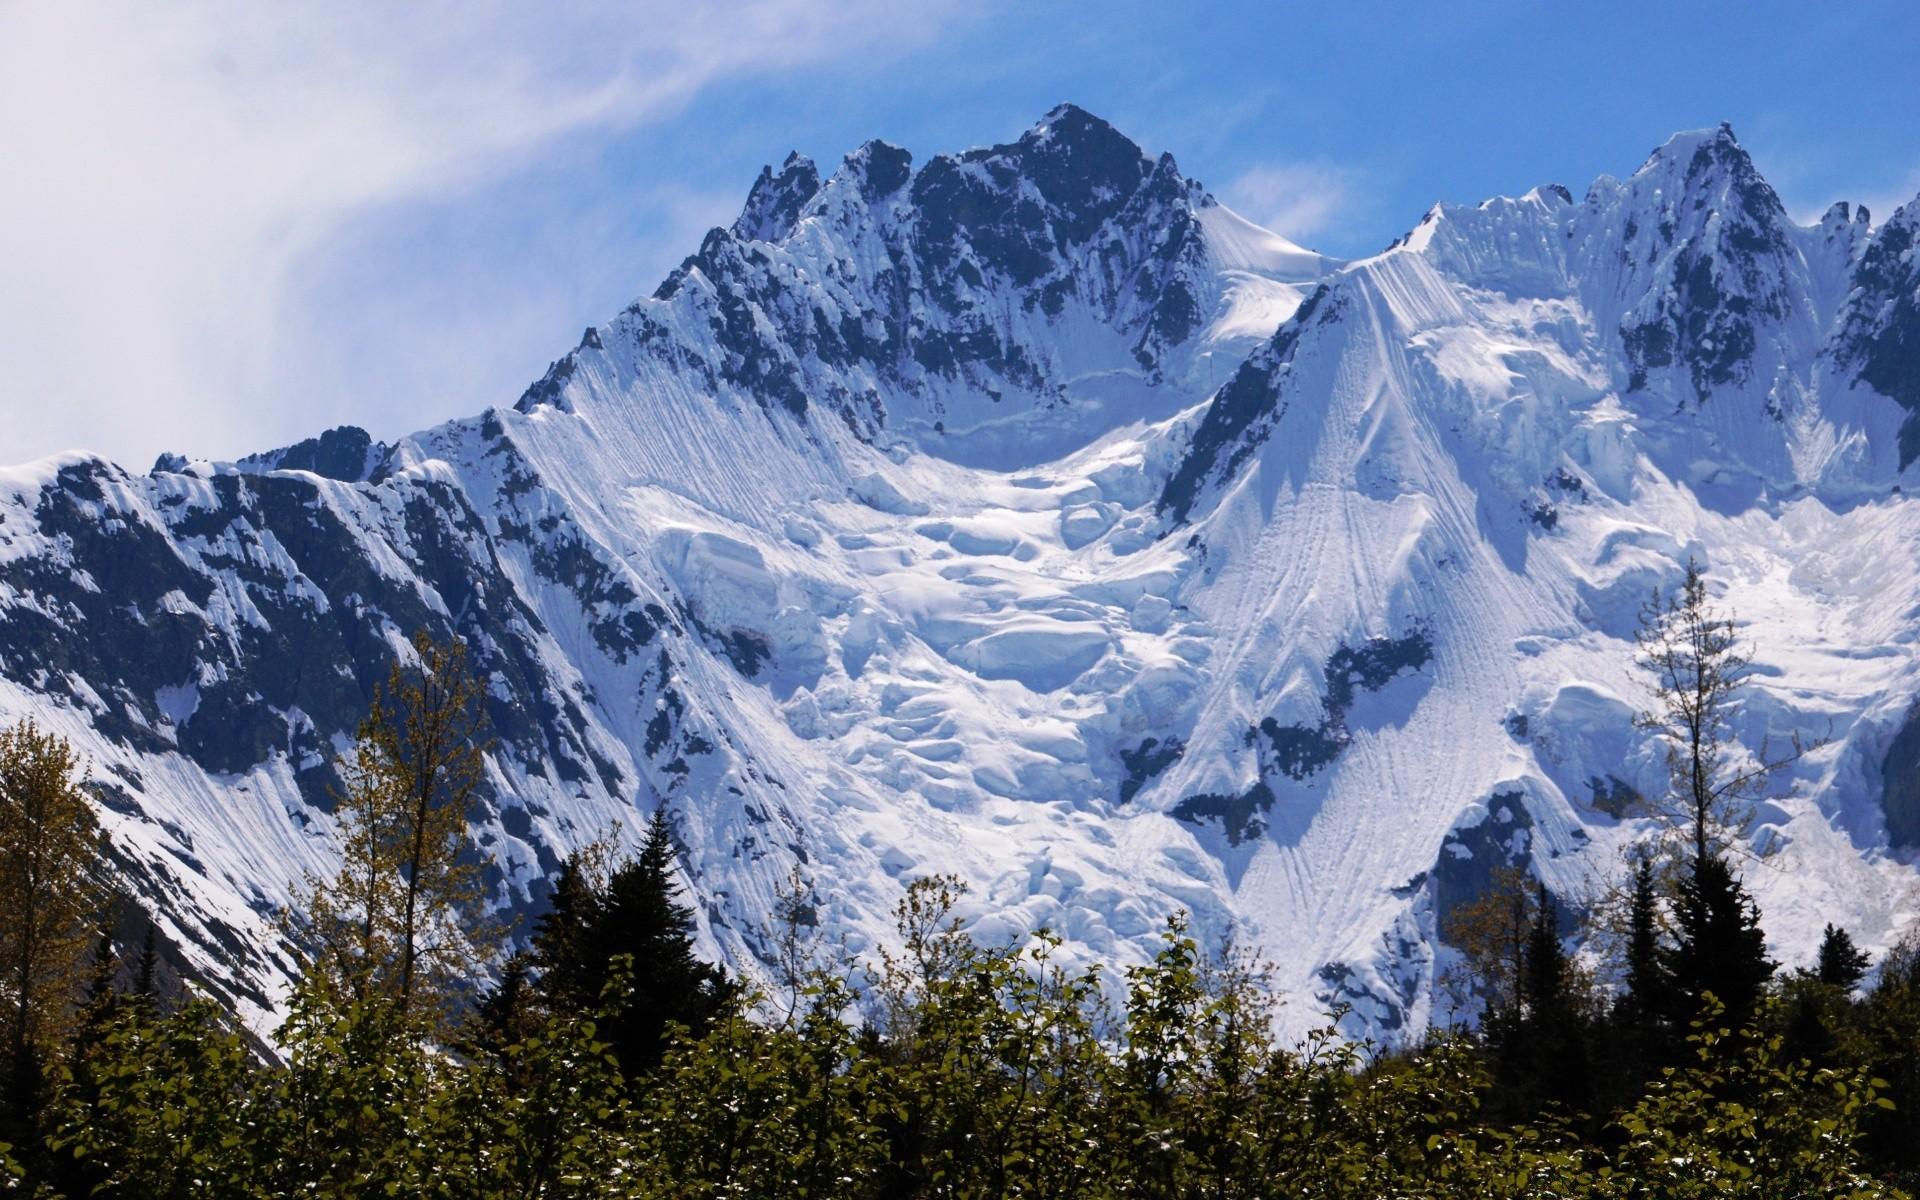 какое-то время картинка горы в снегу печные изразцы